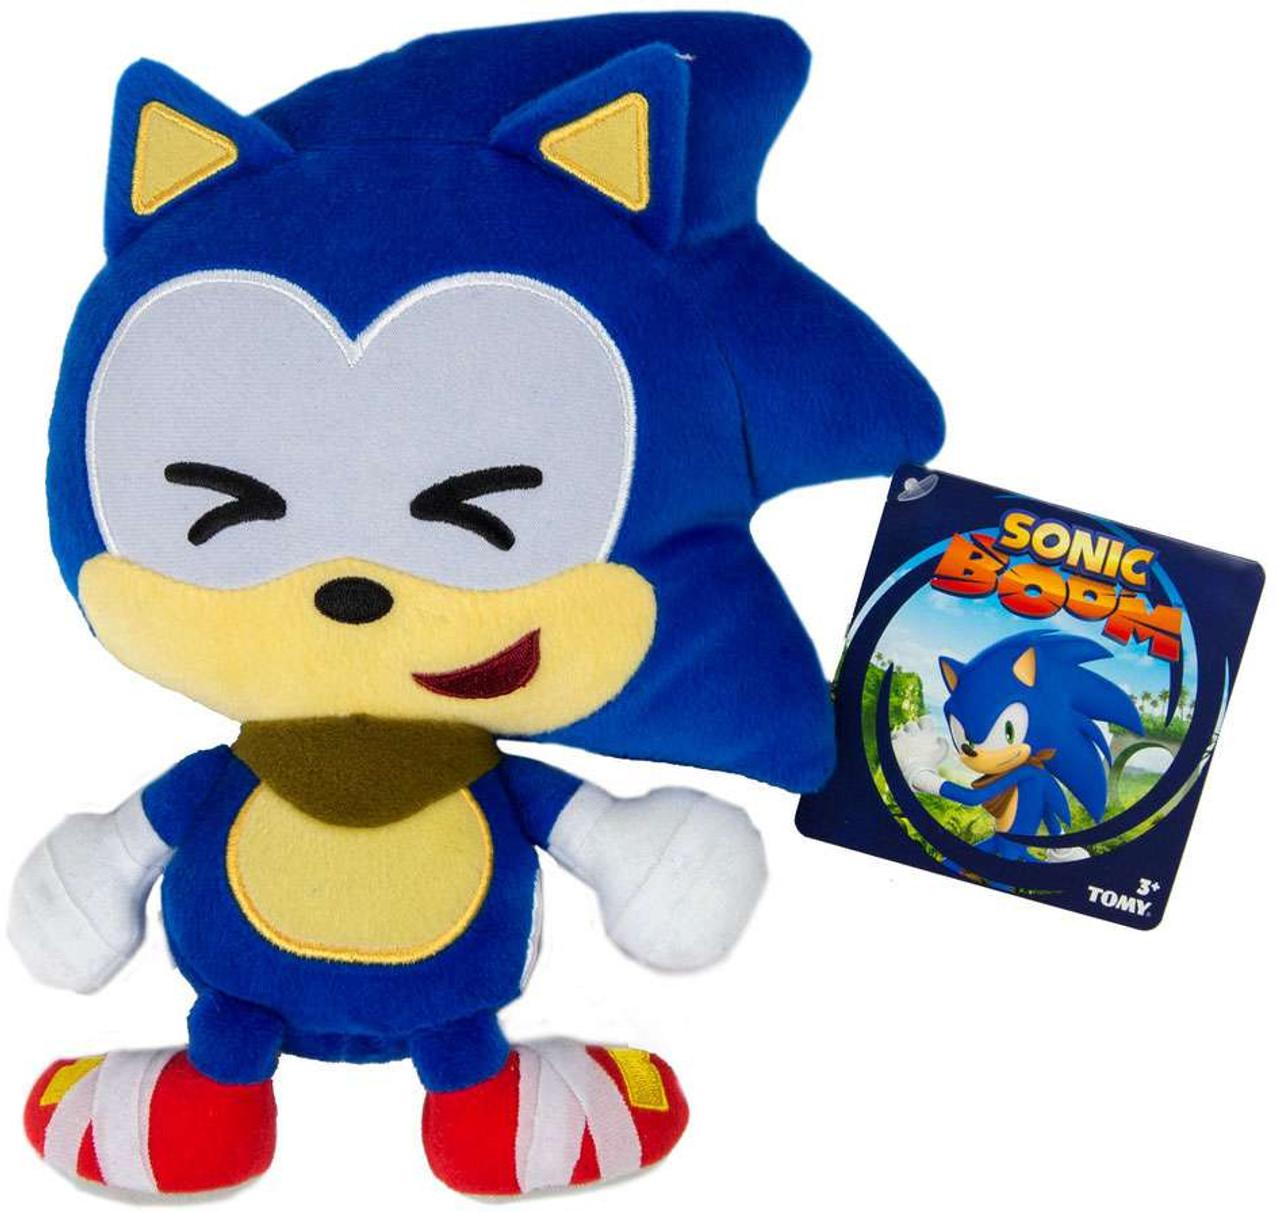 Sonic The Hedgehog Sonic Boom Emoji Sonic 8 Plush Cute